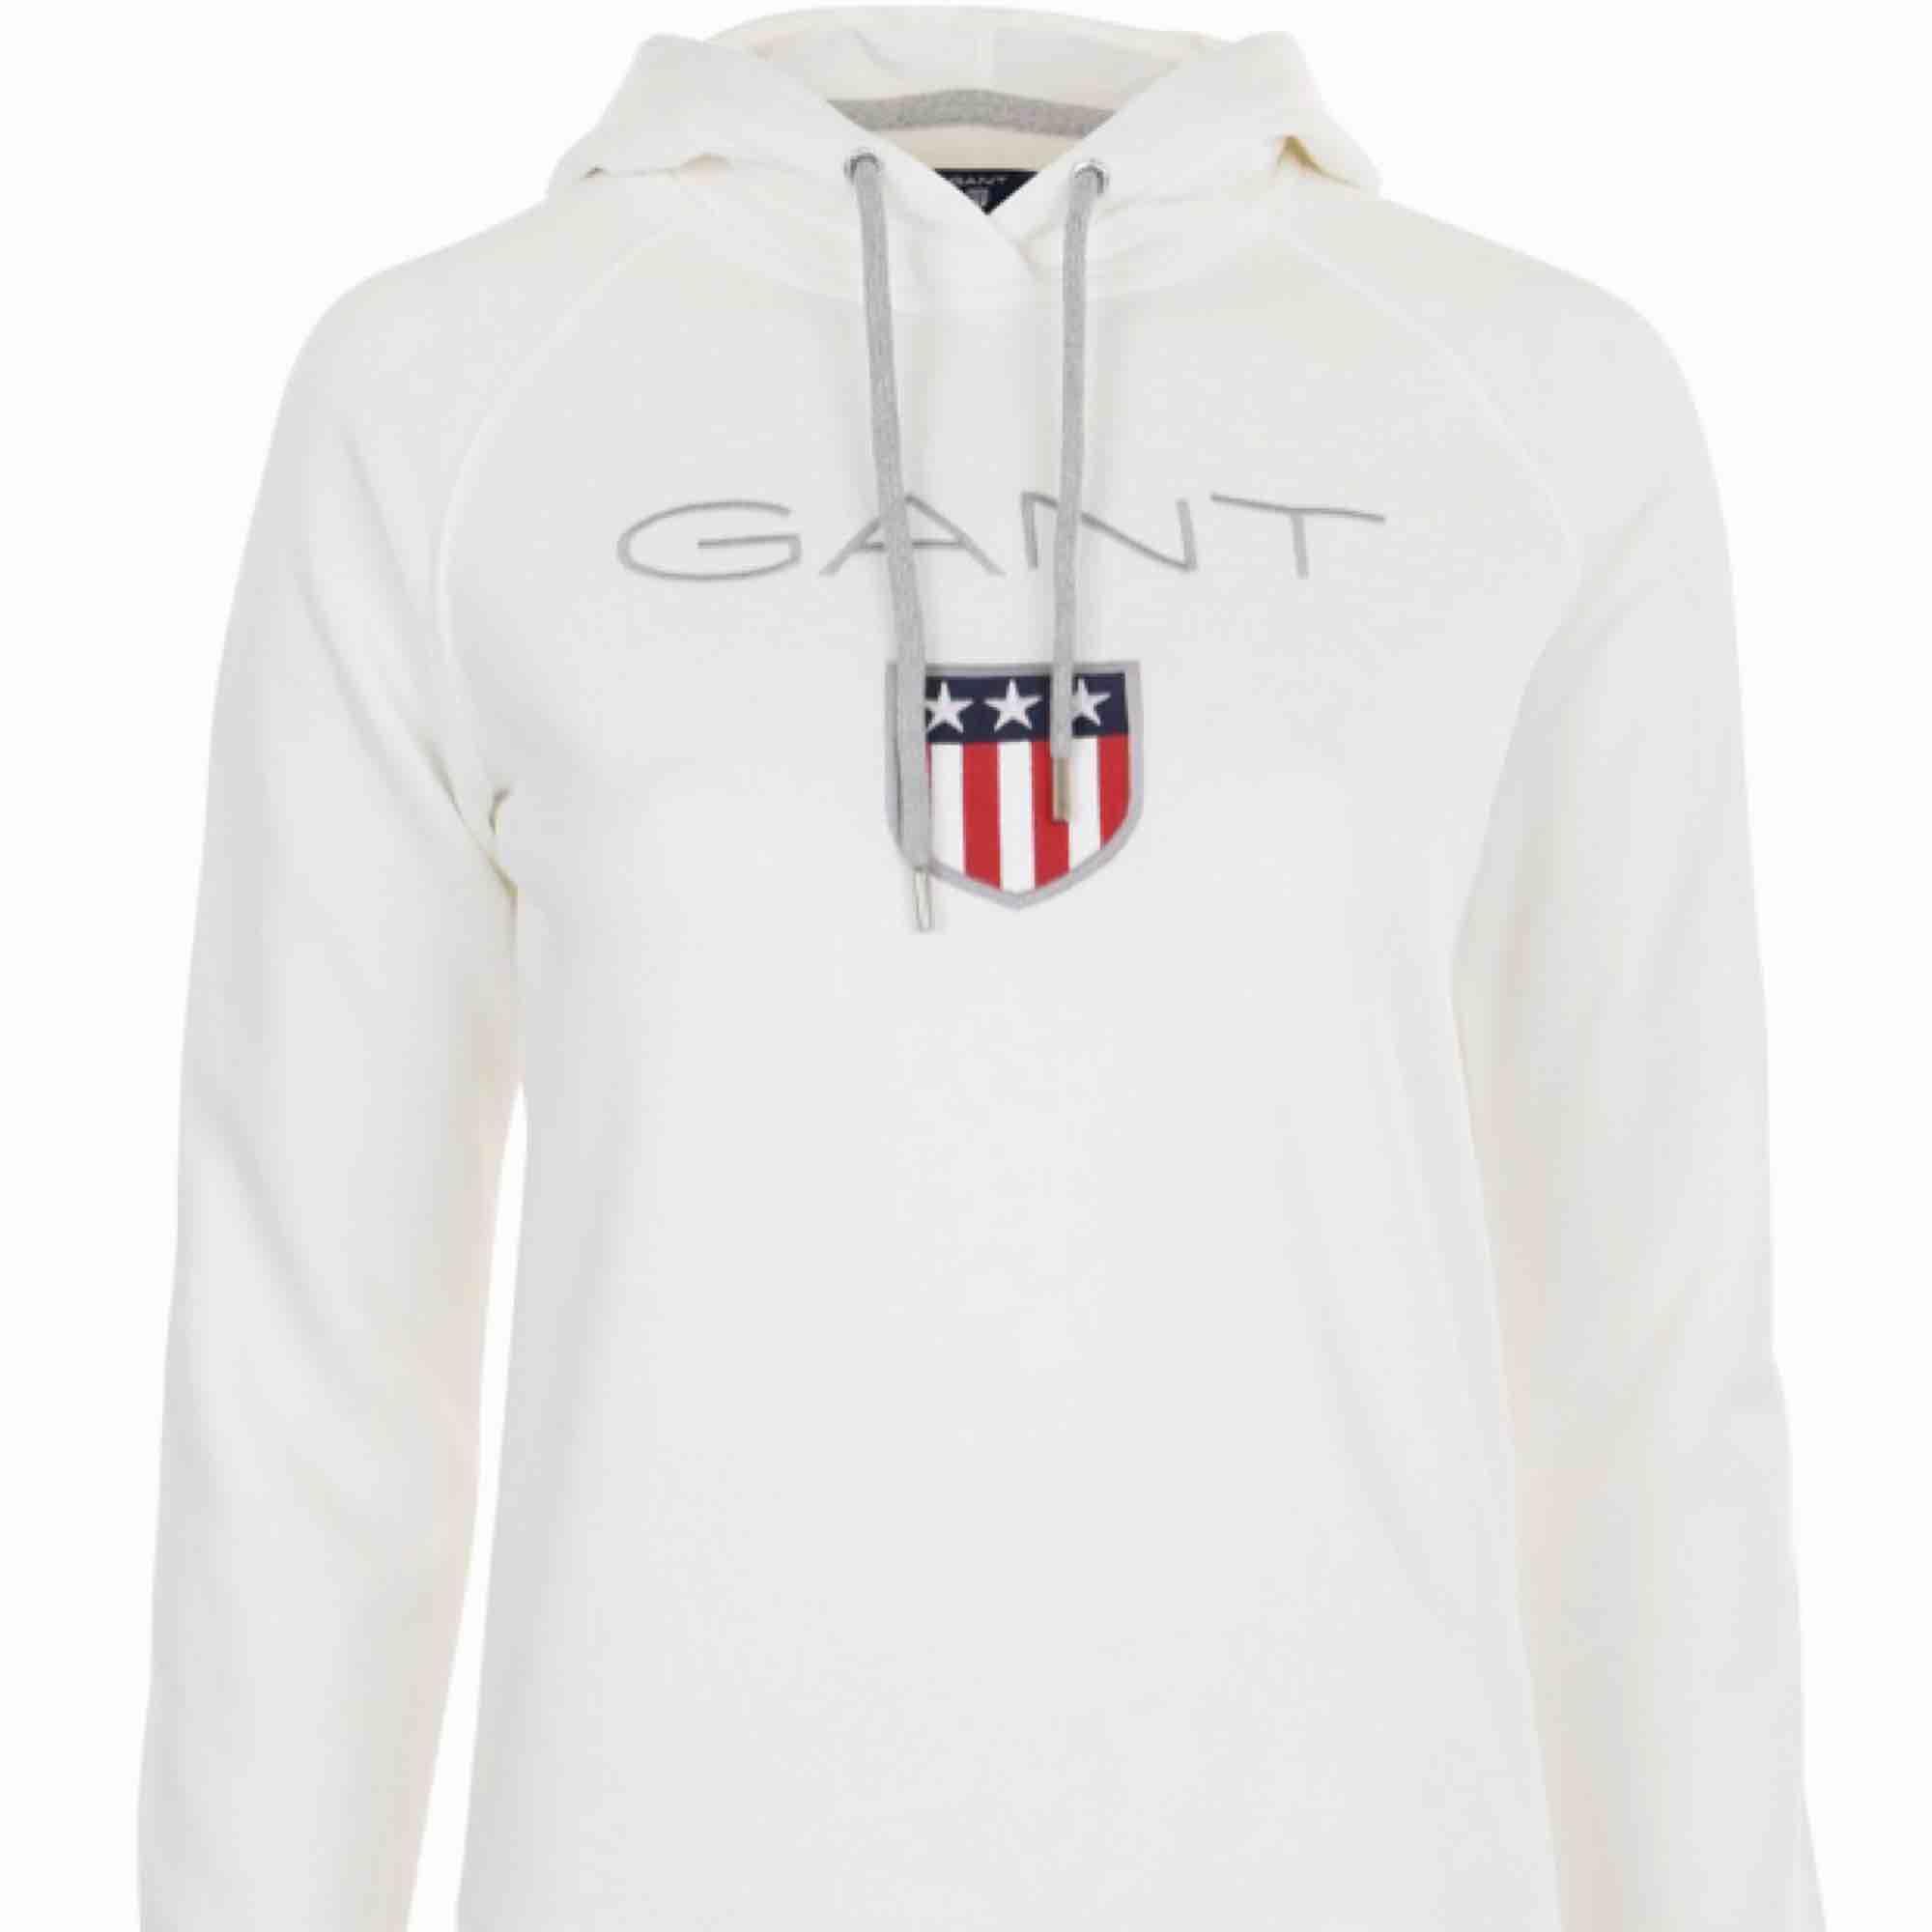 Vit Gant hoodie, använd väldigt ofta men inga fel på den alls. Säljes pga ska köpa en ny fast i en annan färg. Nypris 799kr pris kan diskuteras. Övrigt.